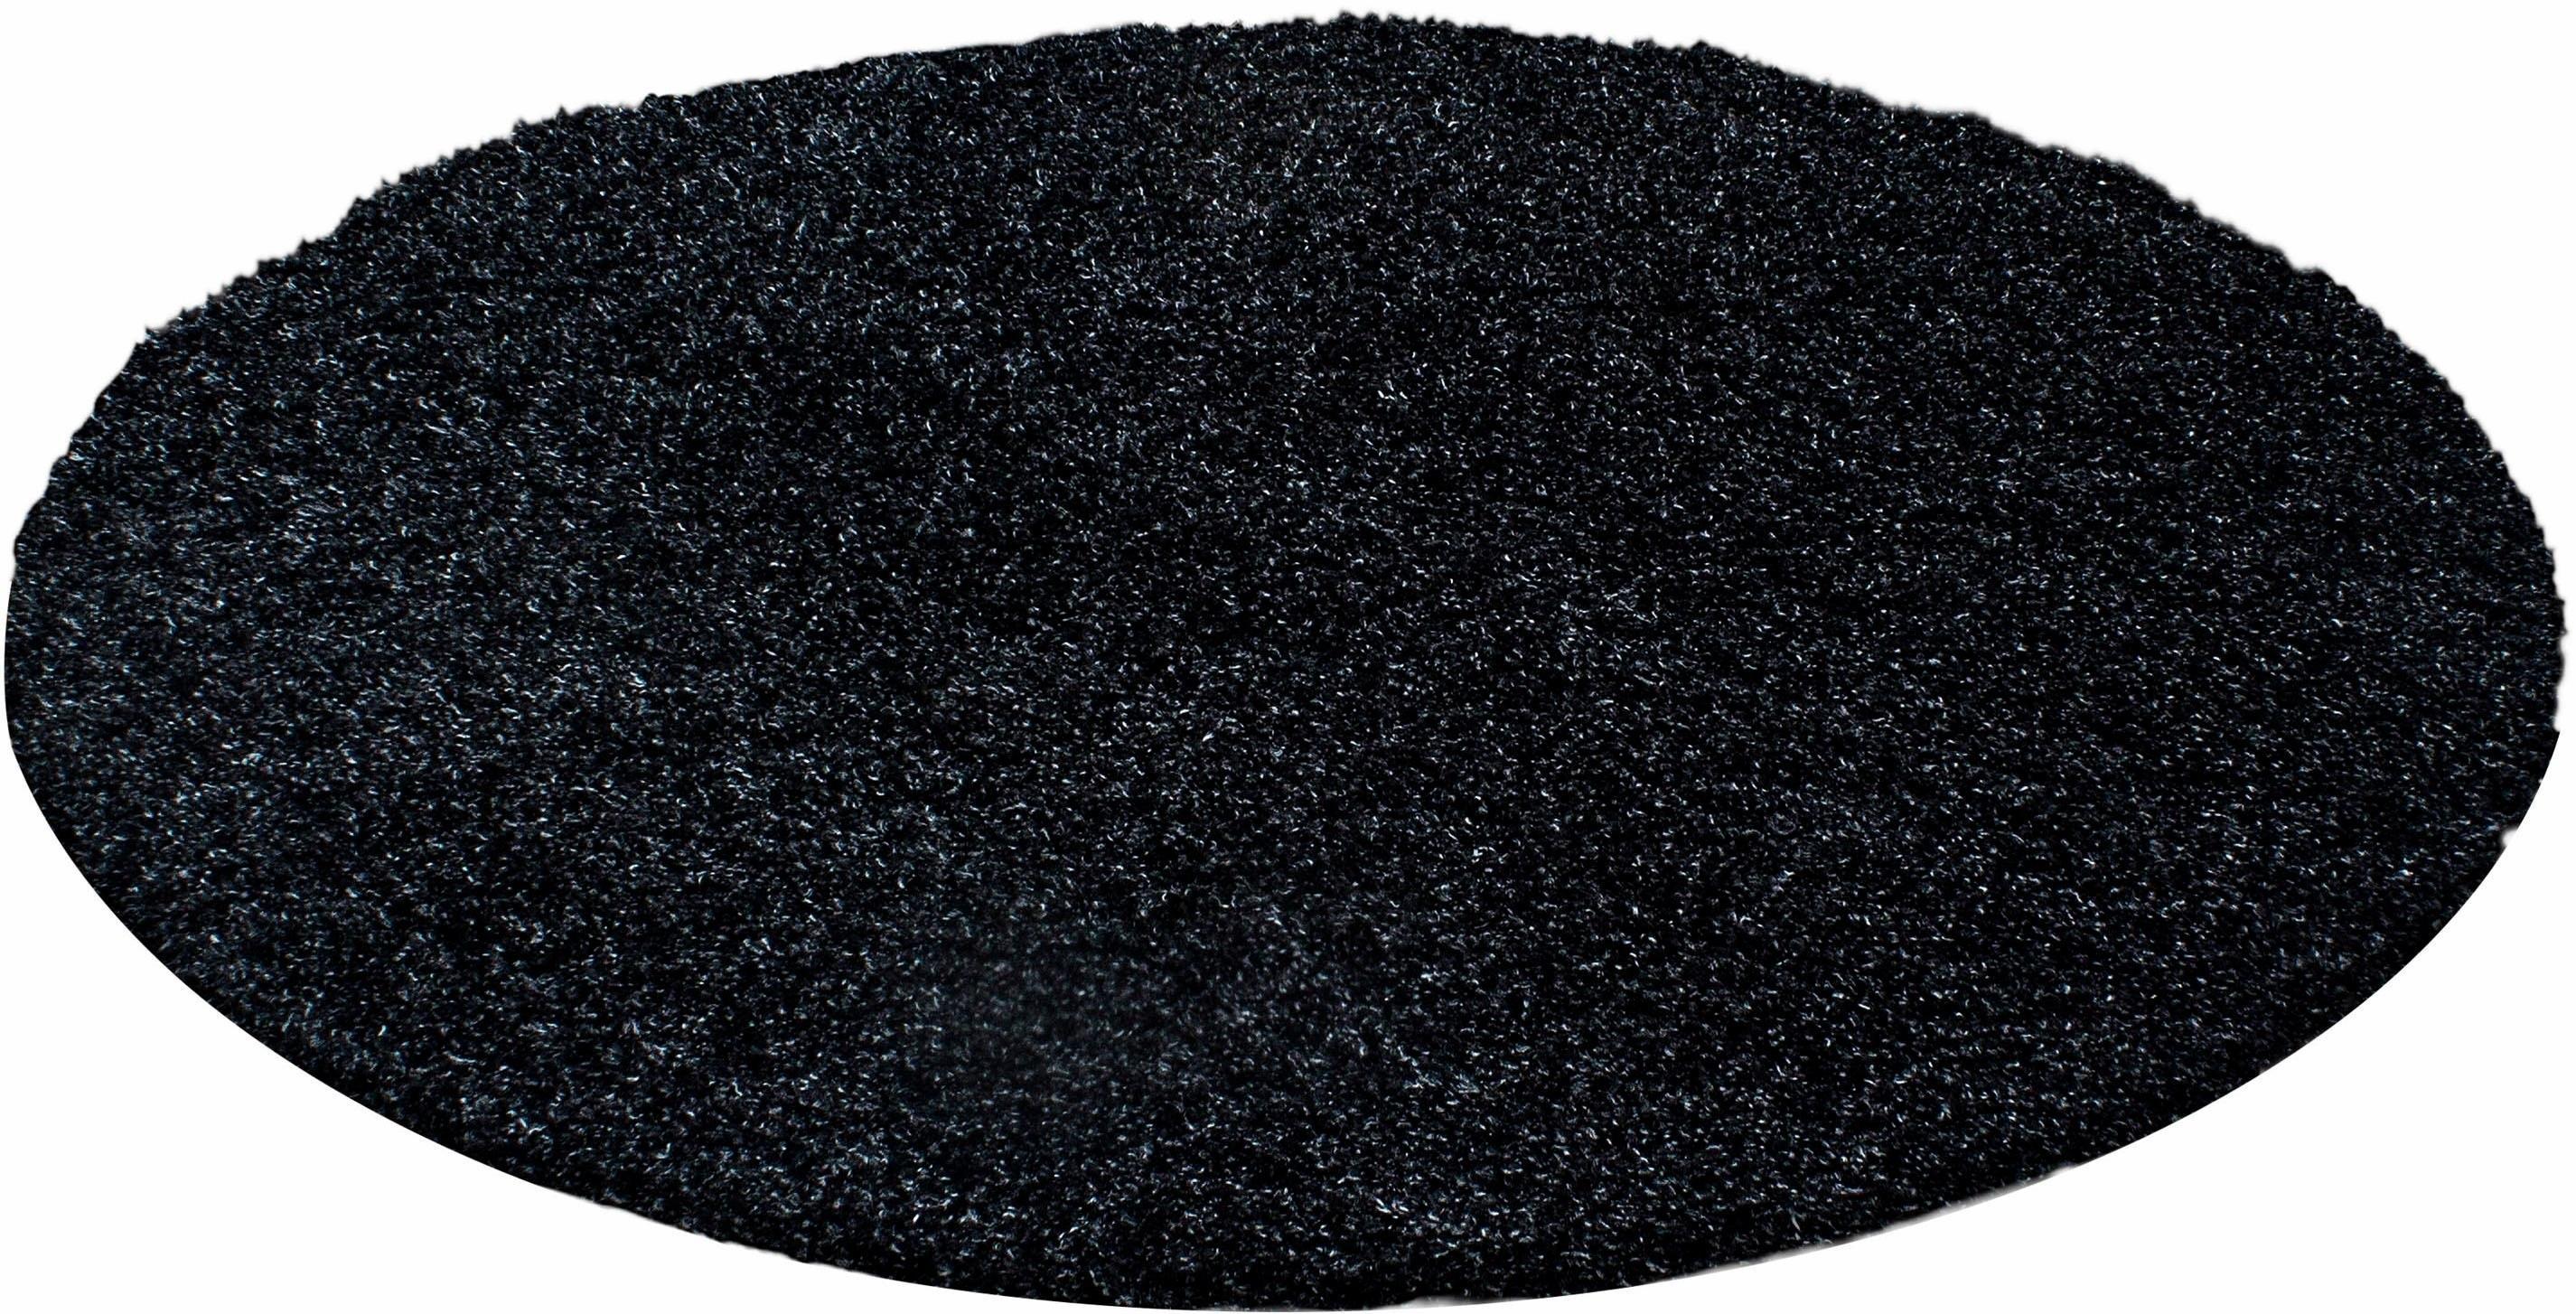 Hoogpolig vloerkleed, rond, Ayyildiz , 'Life shaggy 1500', hoogte 30 mm voordelig en veilig online kopen